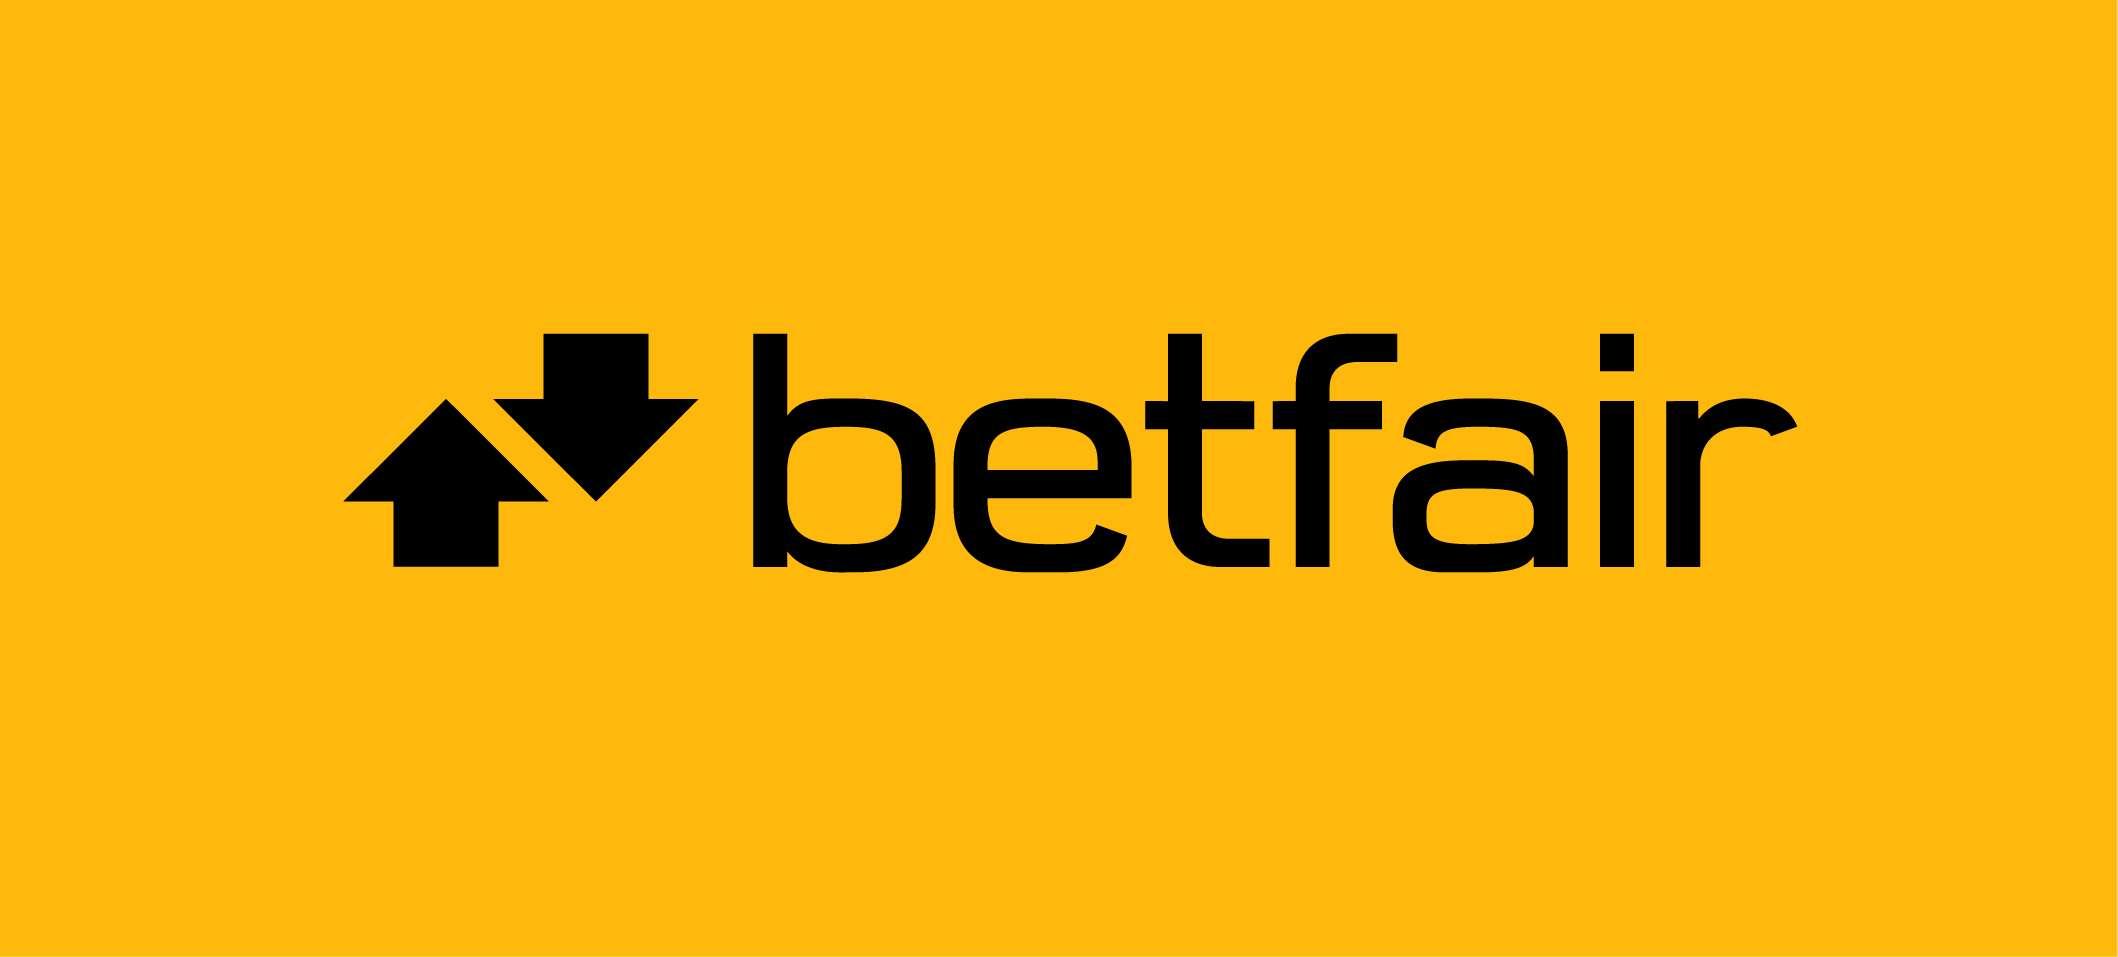 BetFair в България - мнение, оценка и бонус за регистрация 1